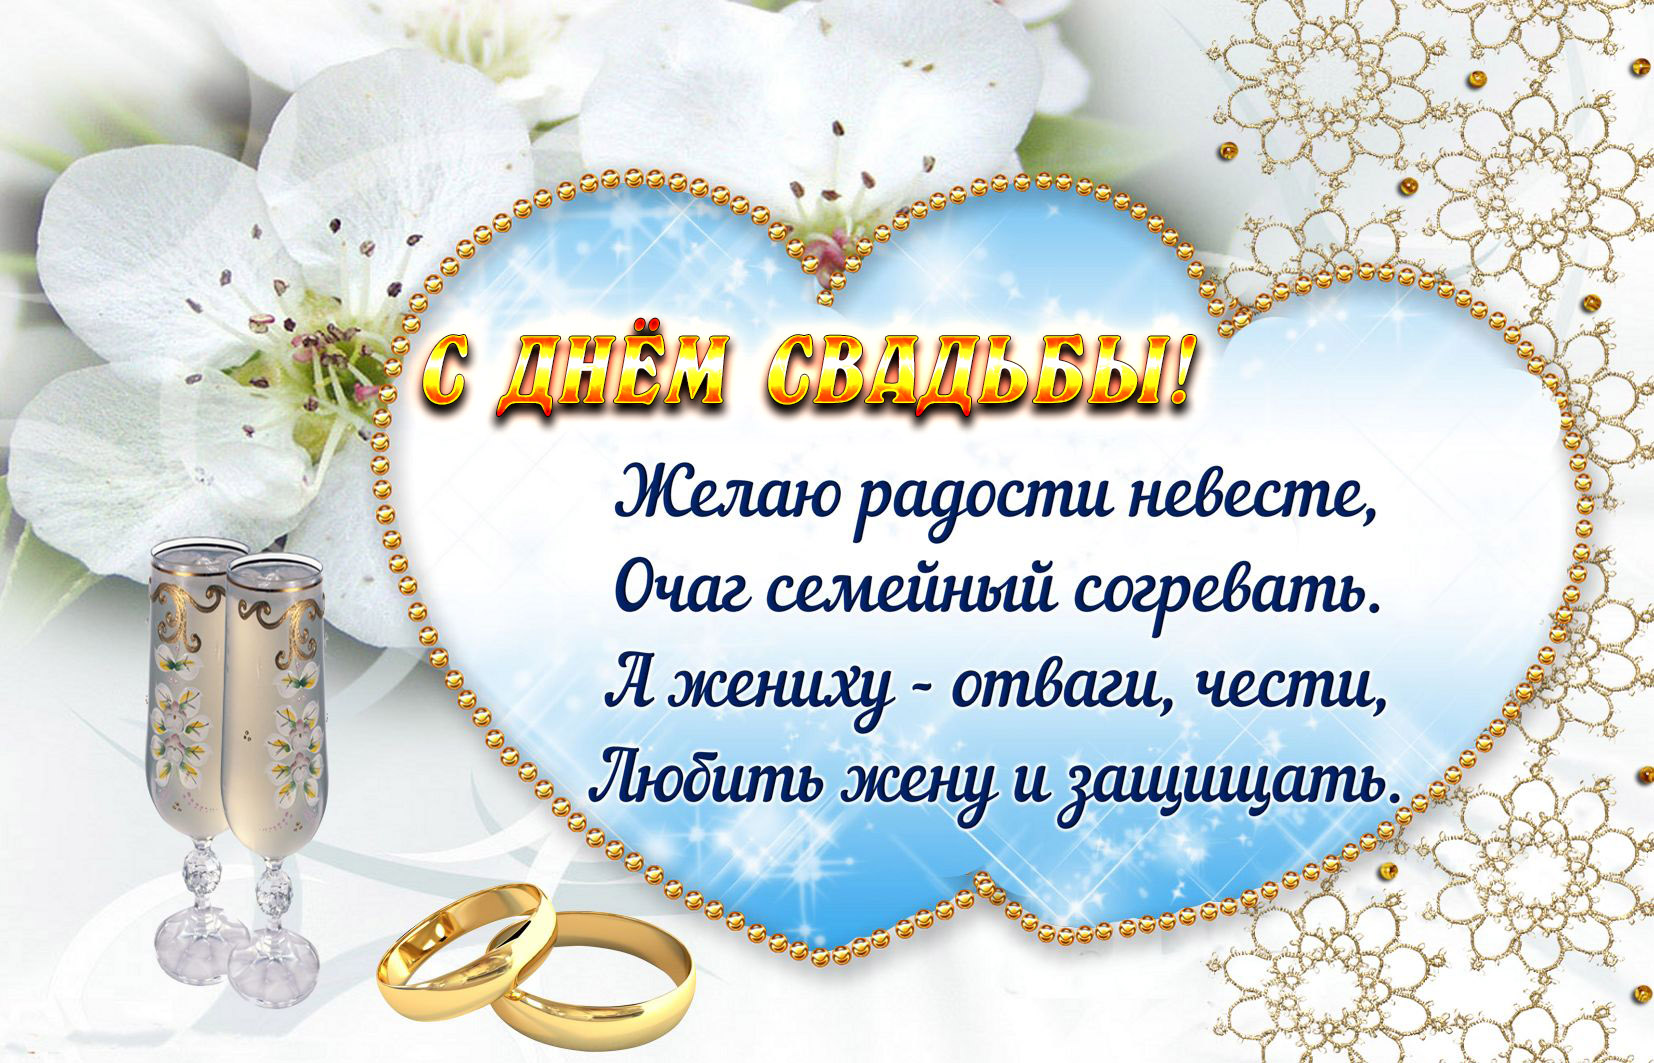 Поздравления на свадьбу стихотворения, открытки мечтай люби